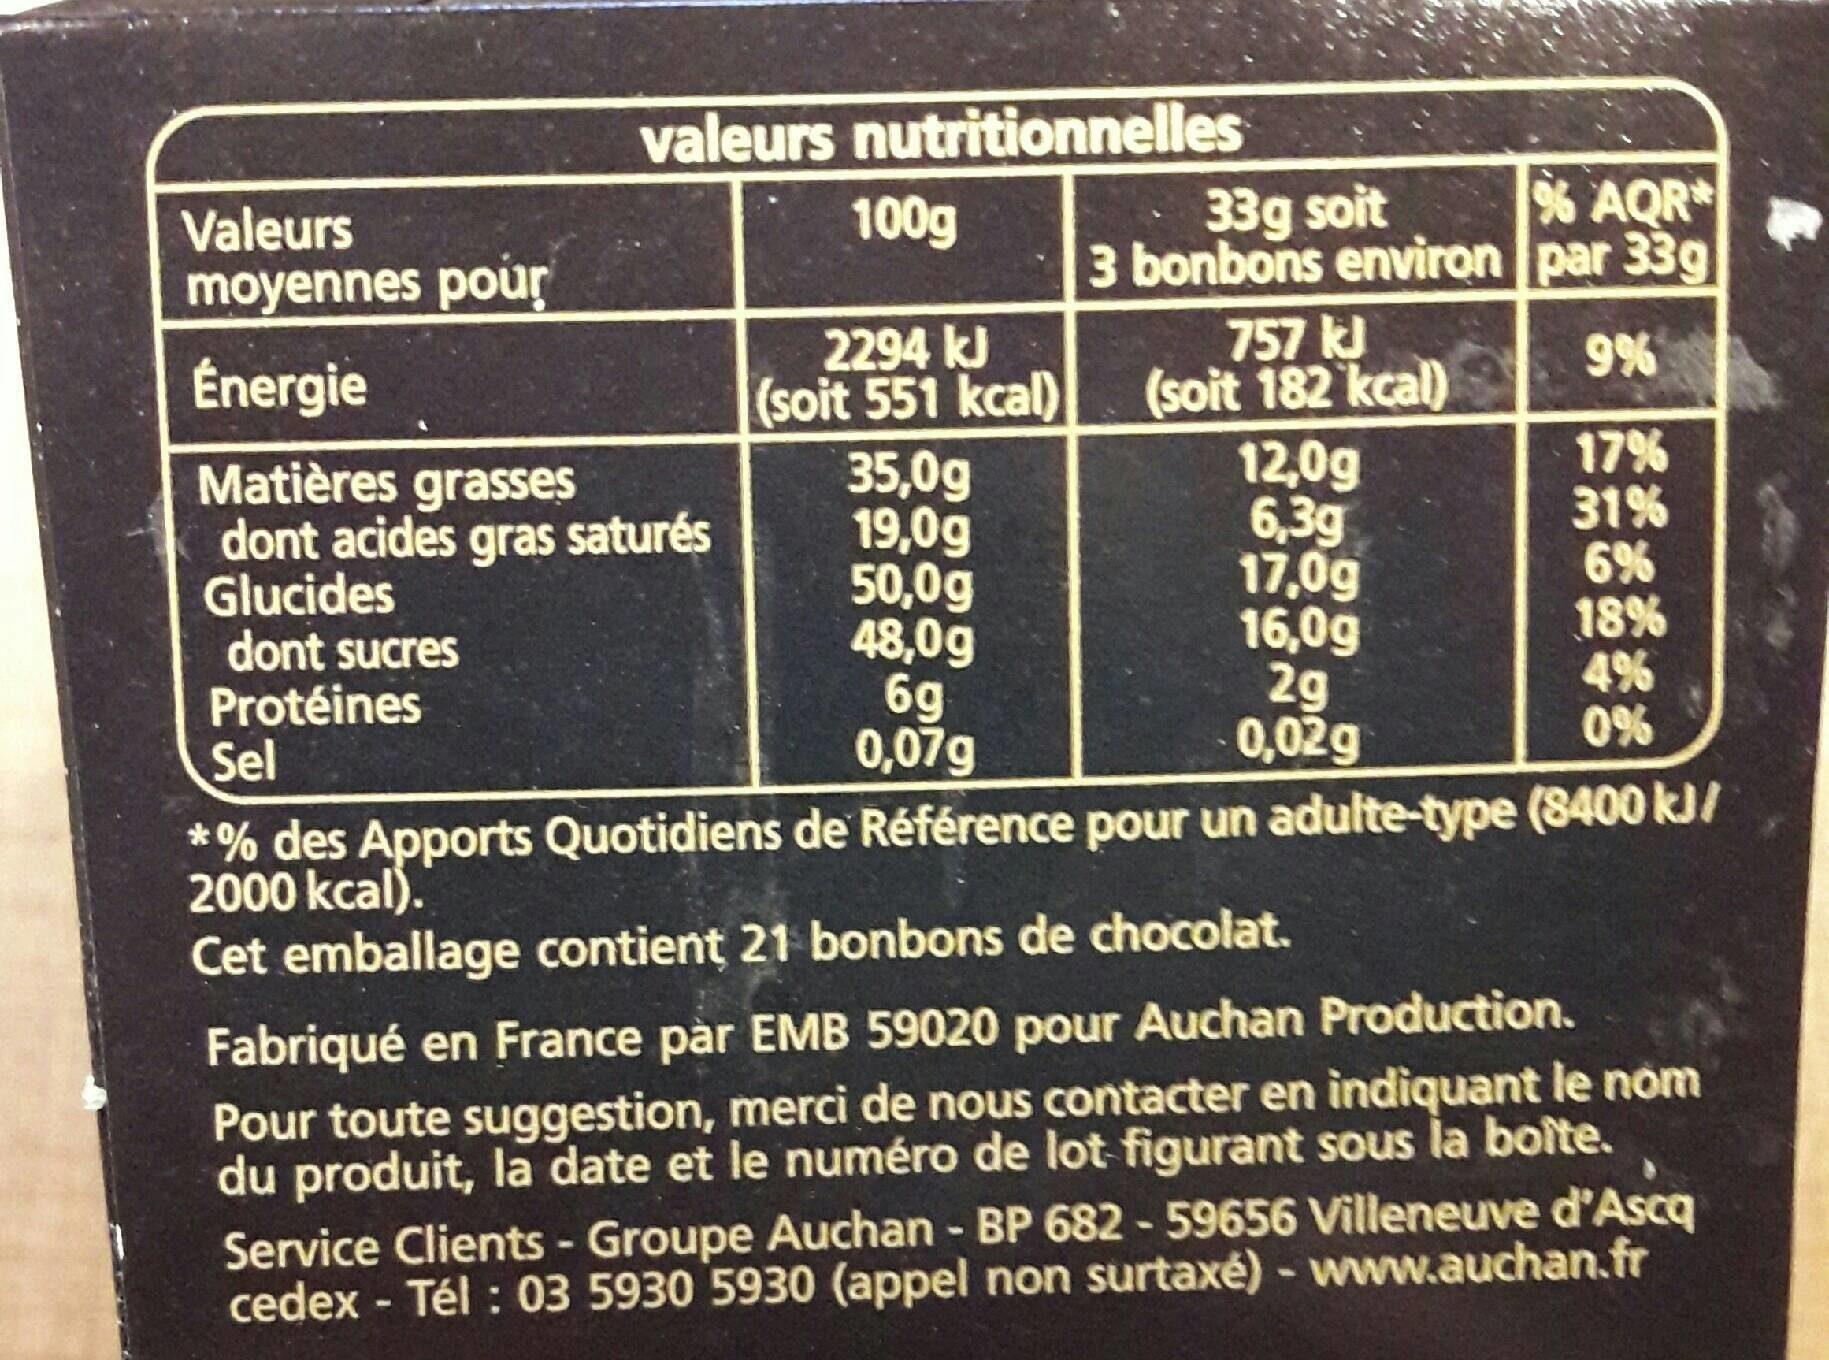 Place Vendôme - Nutrition facts